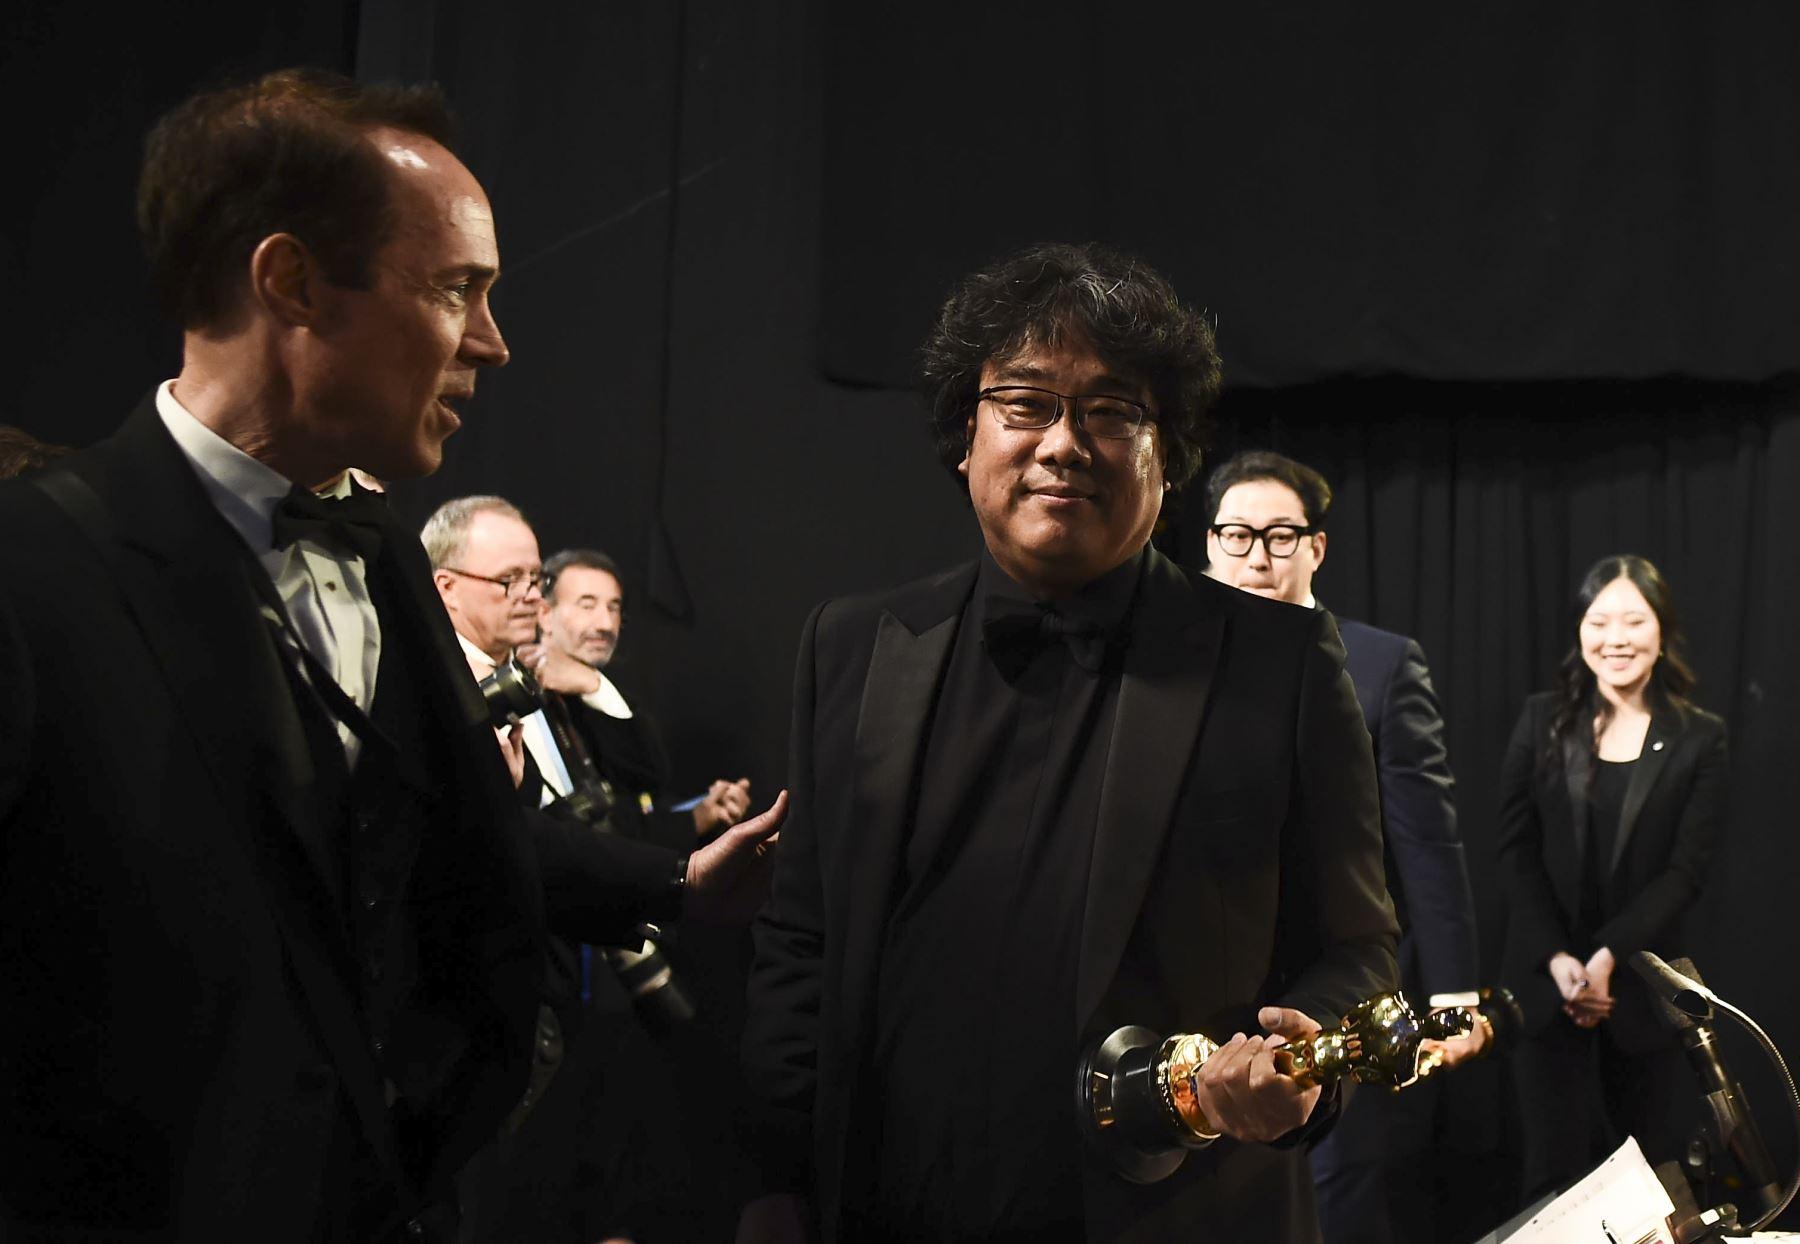 Ganador del Mejor Guión Original, Bong Joon Ho, aparece entre bastidores durante los 92o Oscar en el Dolby Theatre de Hollywood, California. Foto: AFP